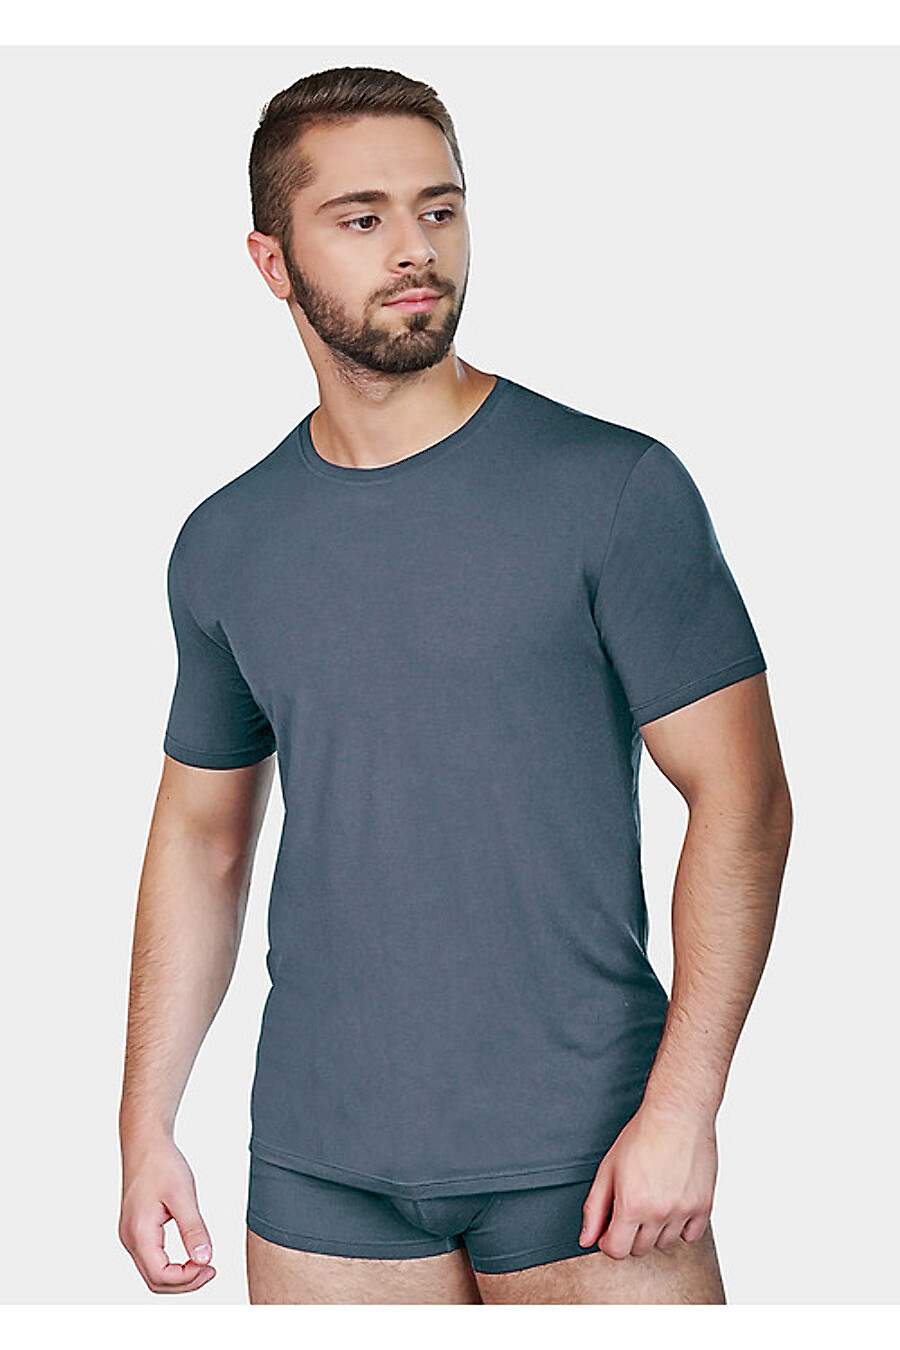 Футболка для мужчин CLEVER 151974 купить оптом от производителя. Совместная покупка мужской одежды в OptMoyo